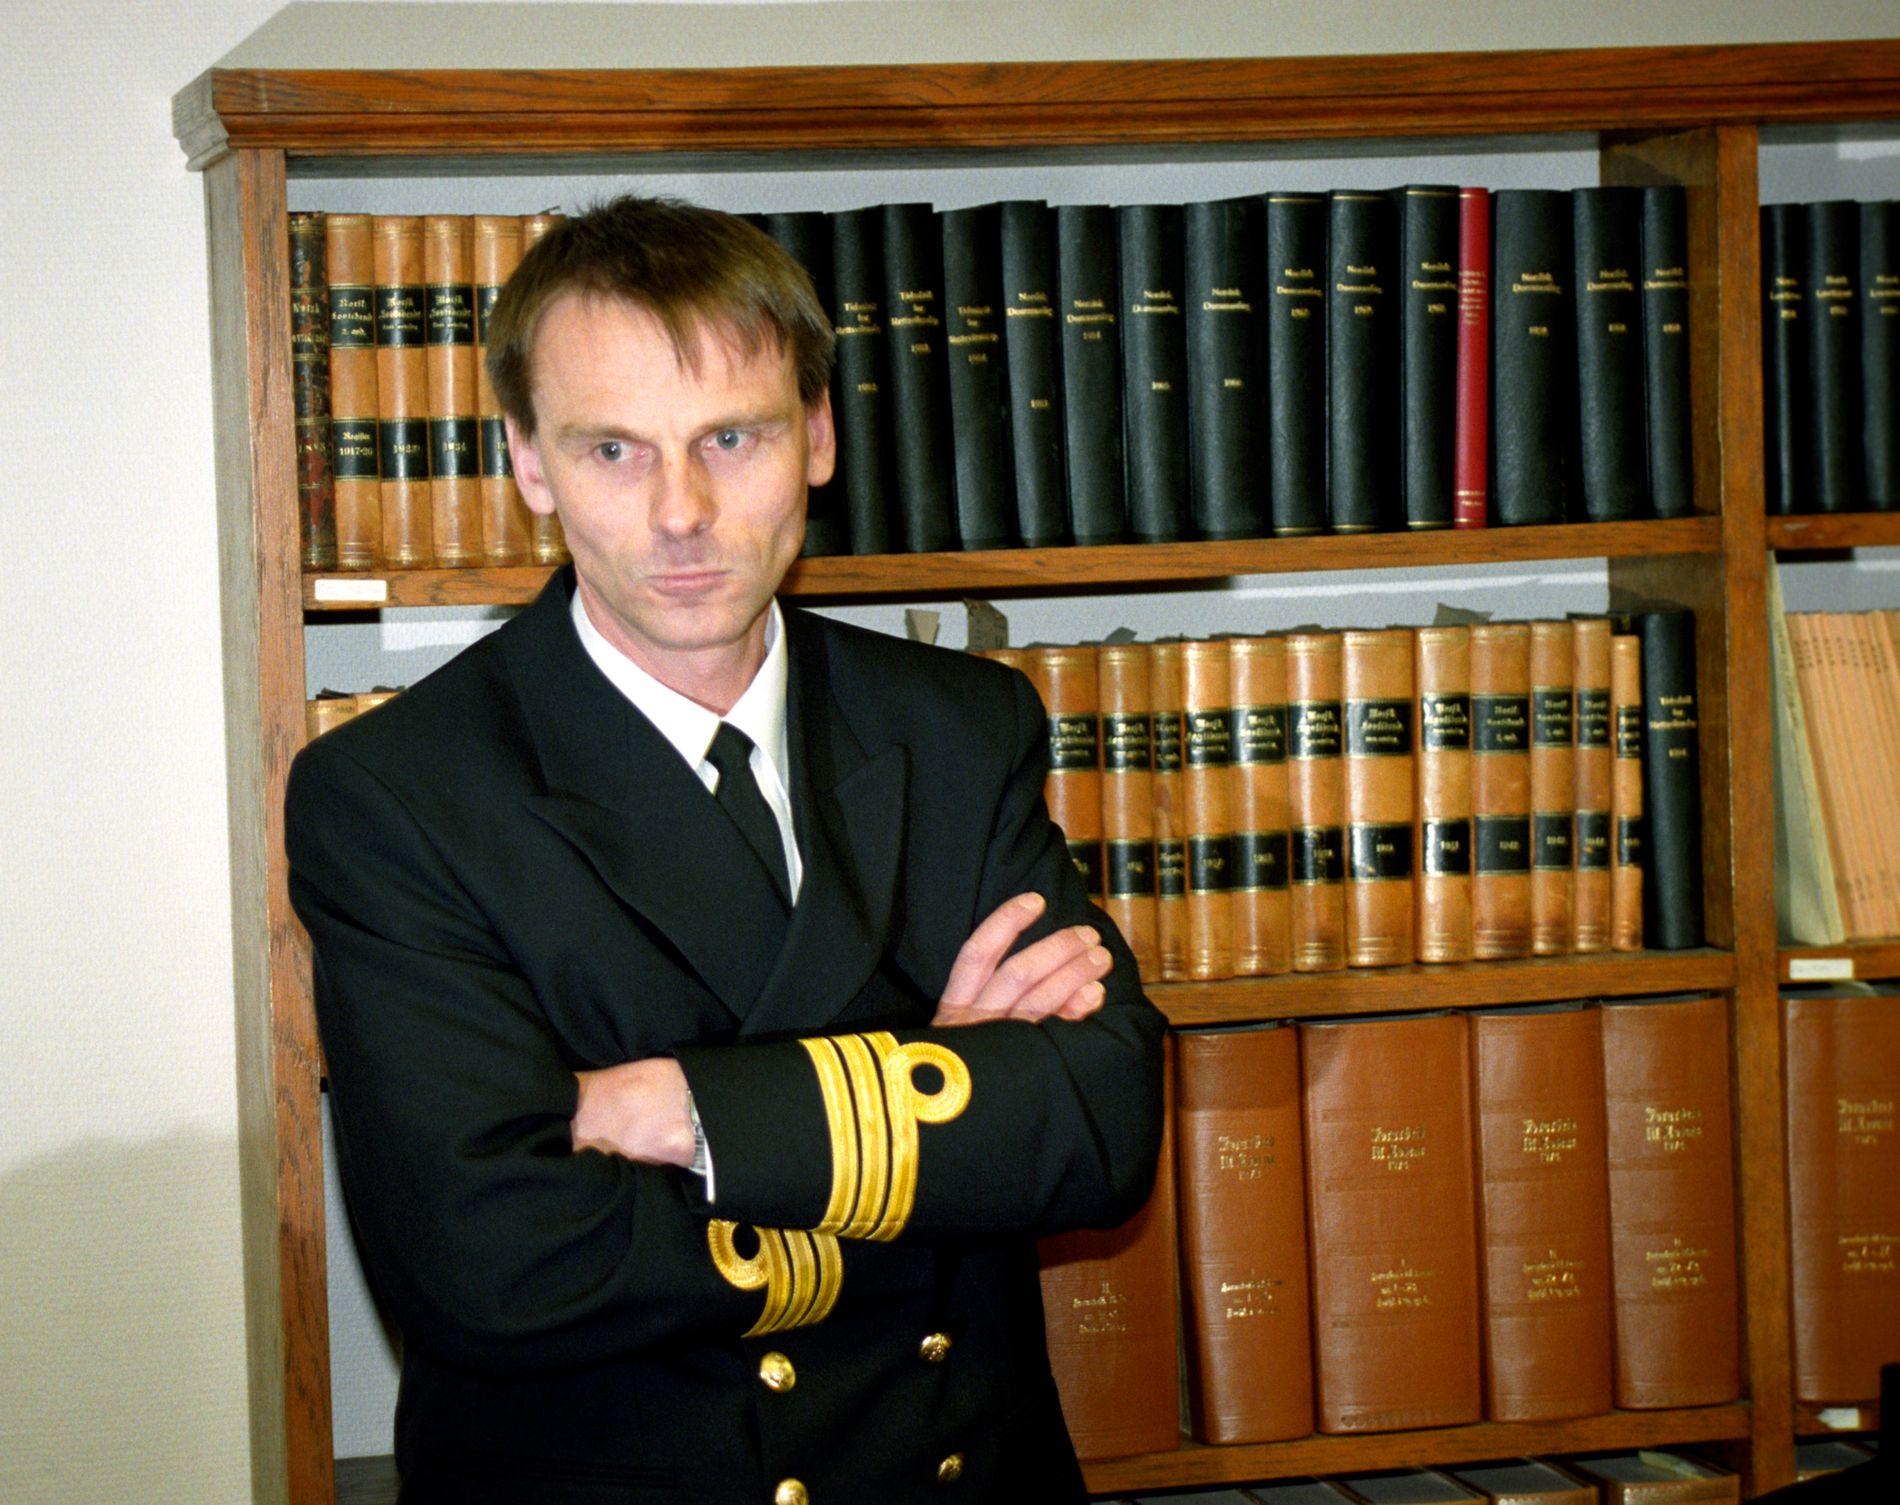 25 ÅR SIDEN: Første dag i sjøforklaringen for skipssjef Christian Irgens for KNM «Oslo» i Bergen januar 1994. Han var skipssjef da KNM «Oslo» gikk på grunn 24. januar 1994.